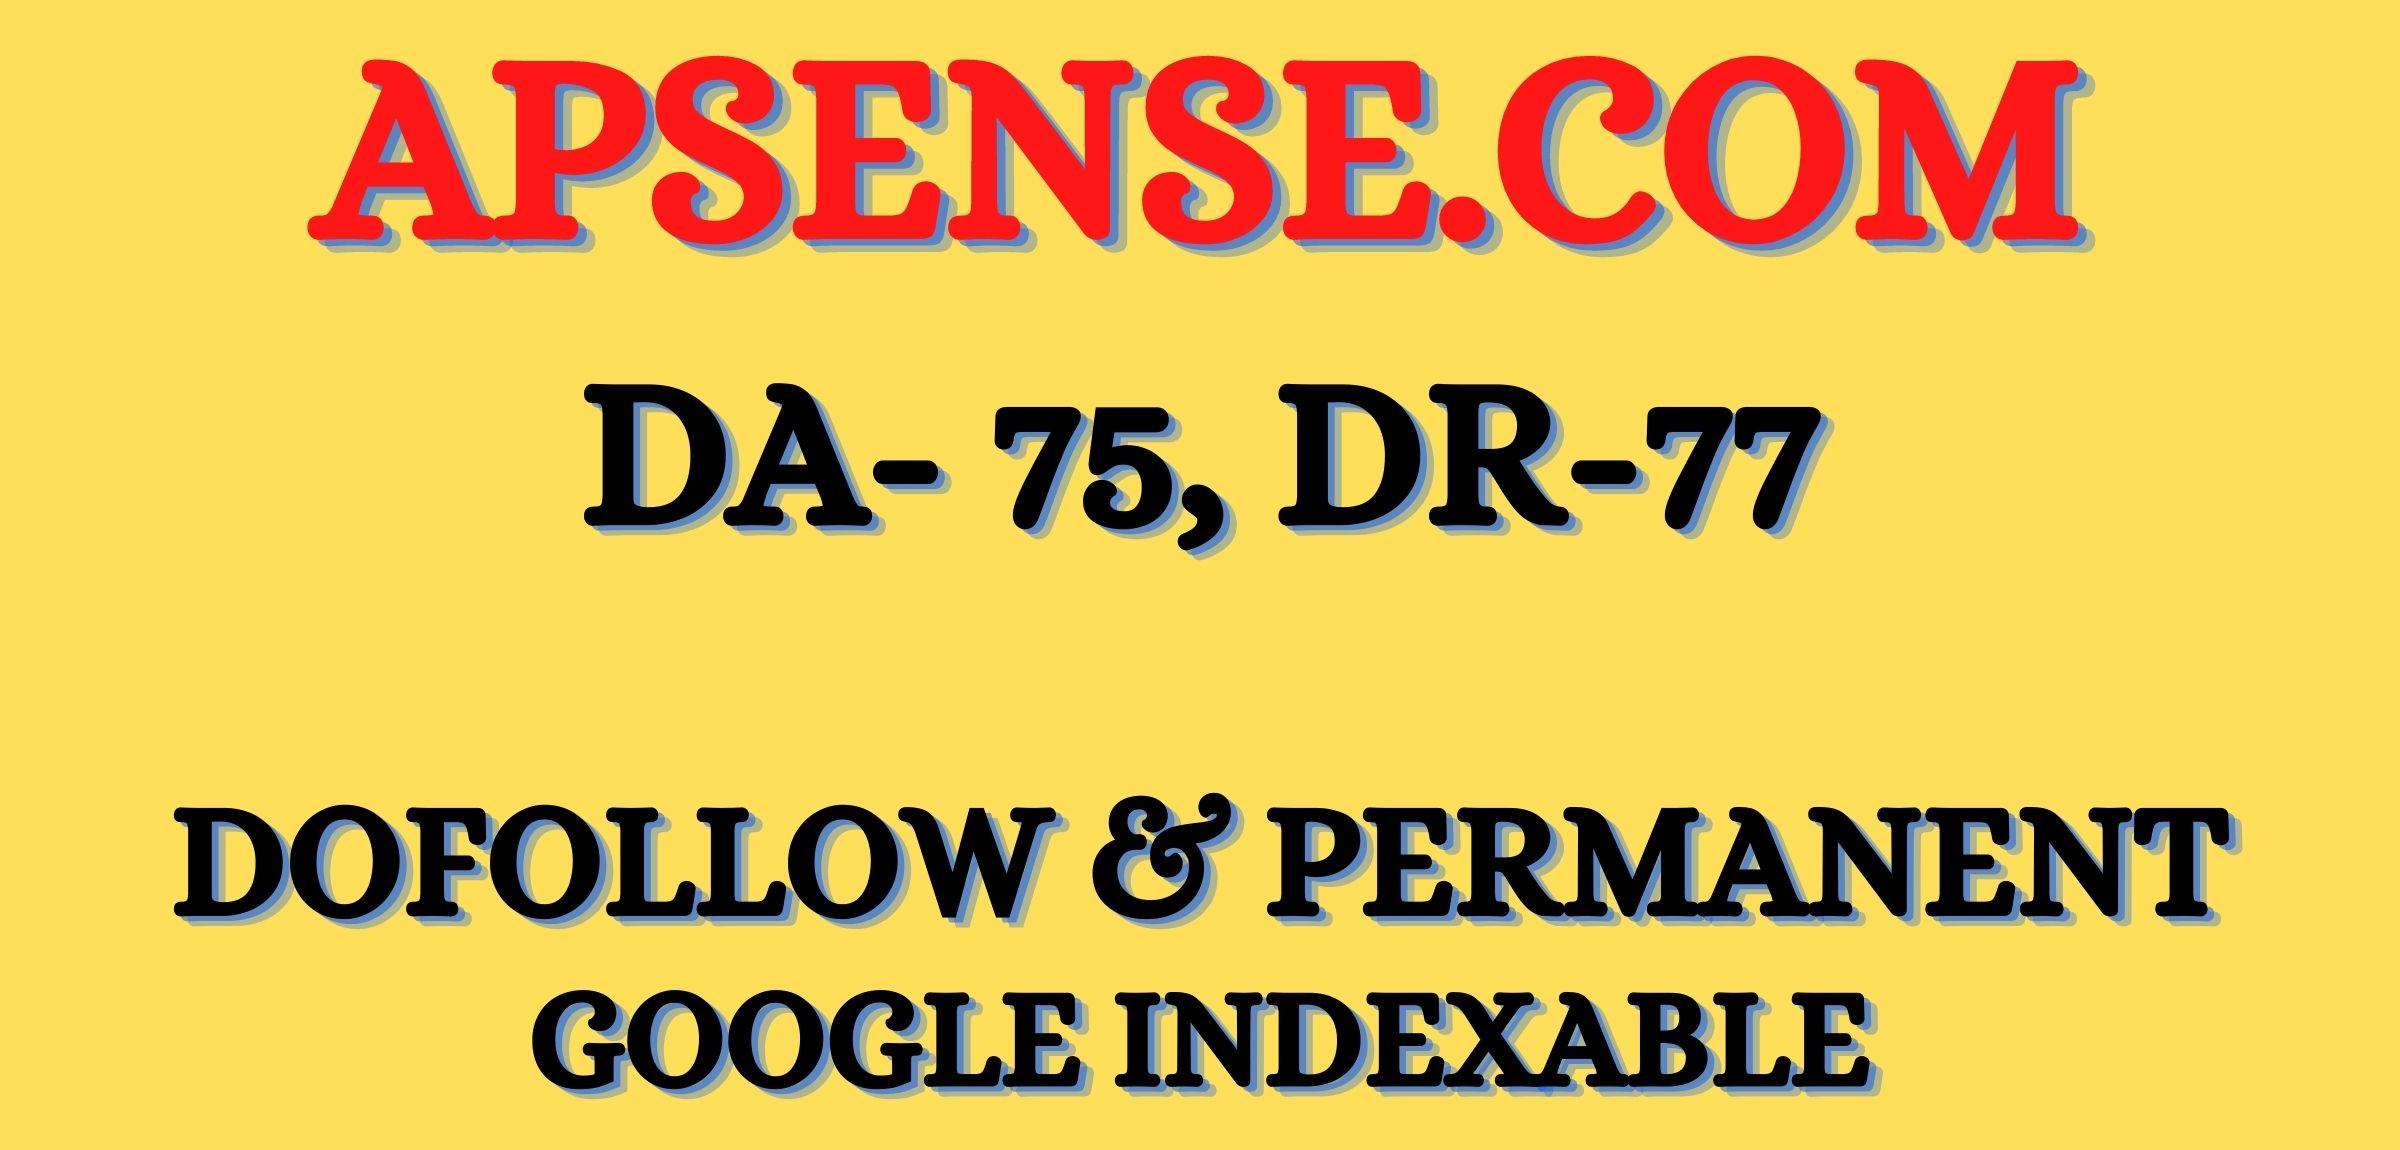 write & Publish DoFoIIow guest post backlink in Apsense. com DA-75